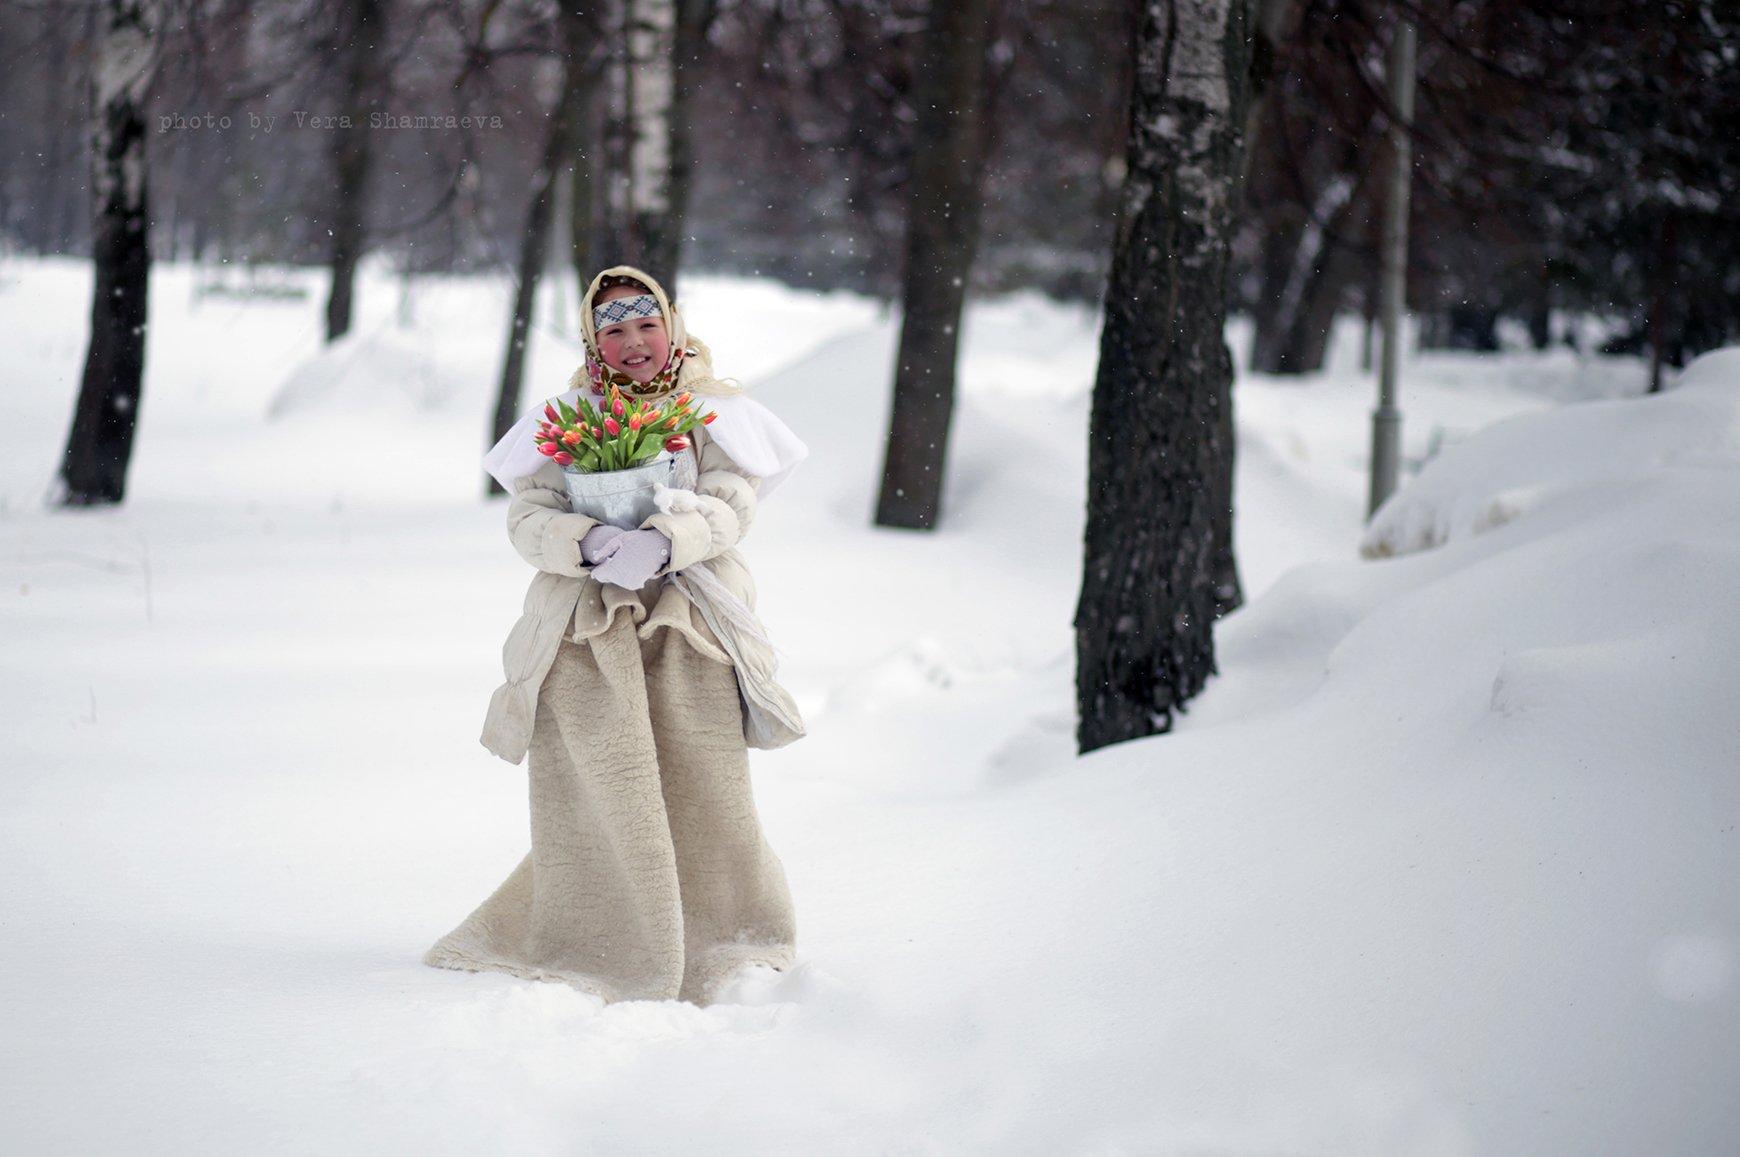 тюльпаны славянский стиль девочка, Вера Шамраева